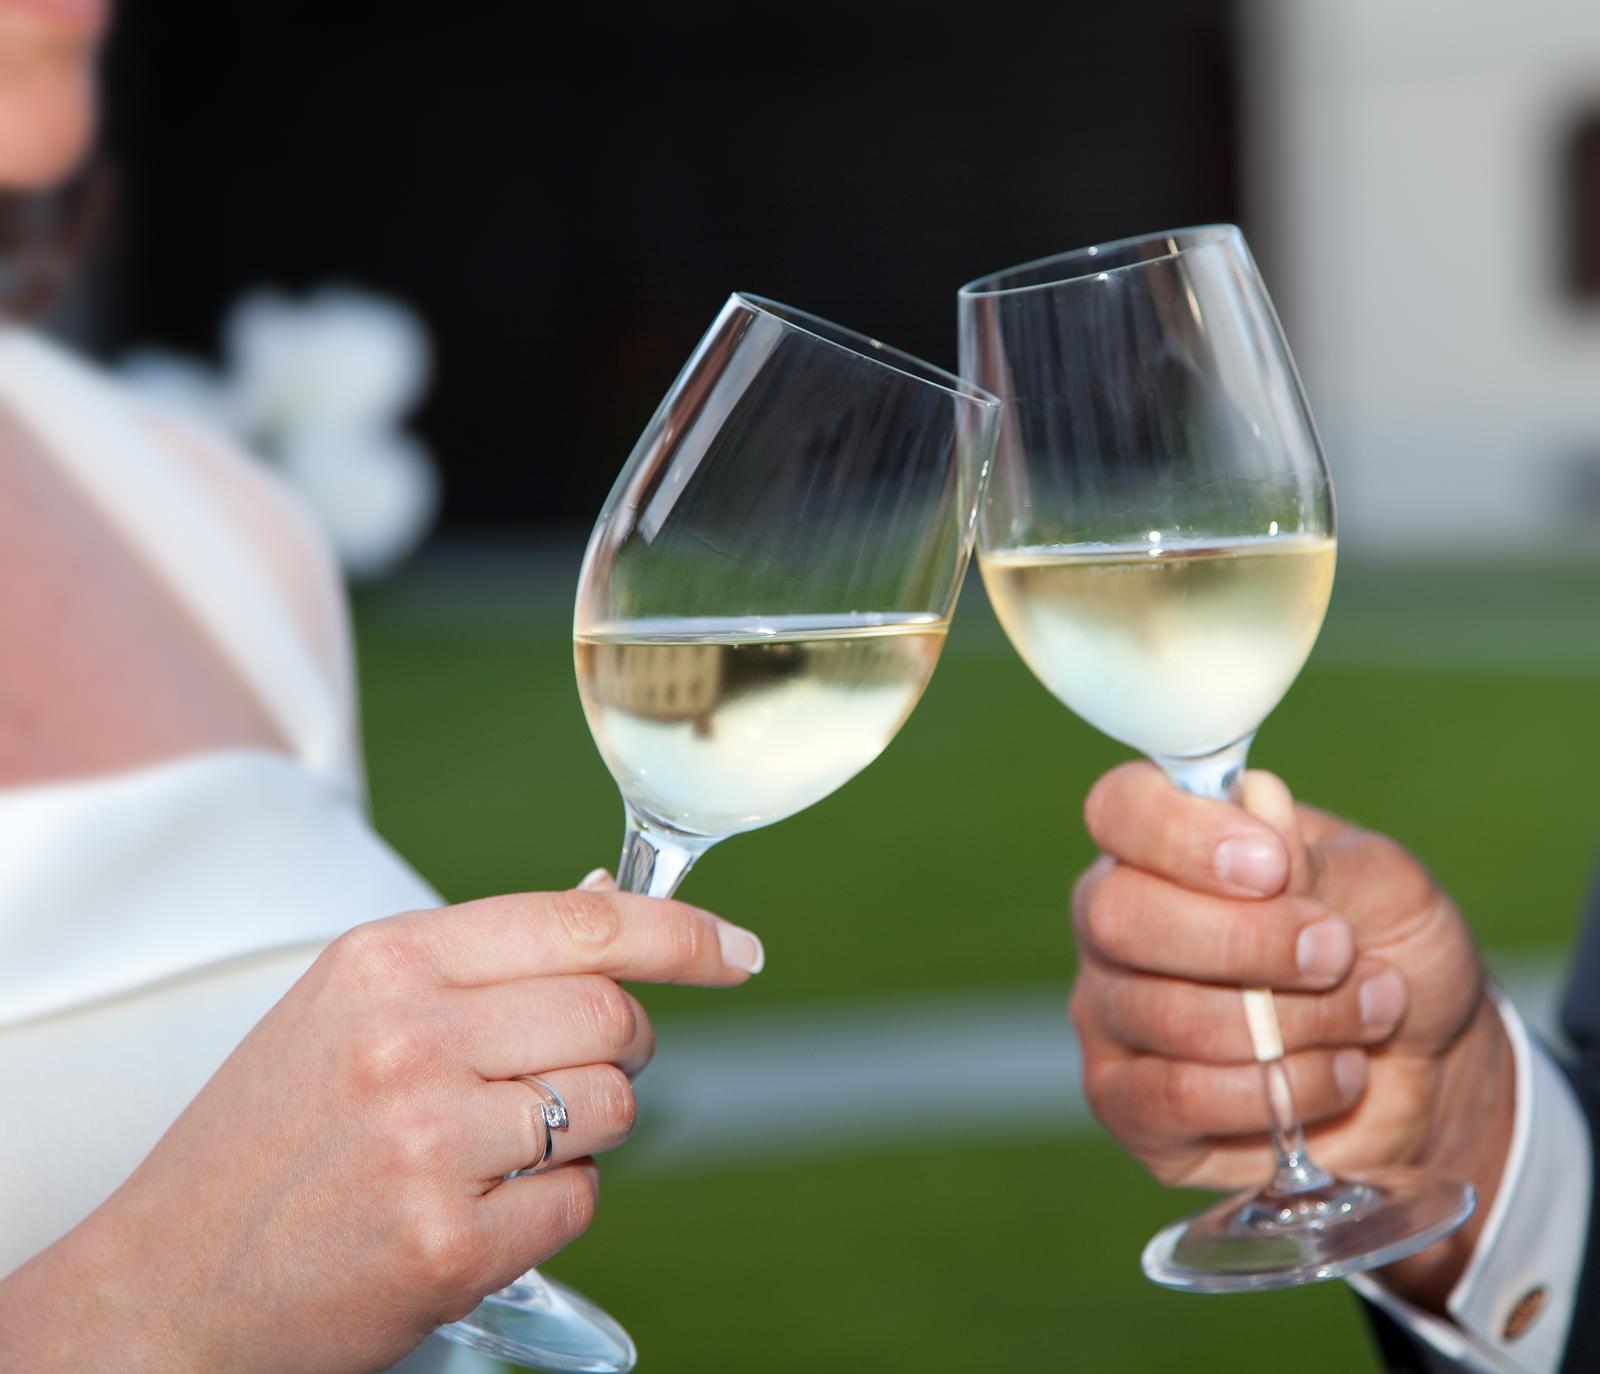 vinomaravilla - Od dnešného dňa nie ja a Ty, ale My!